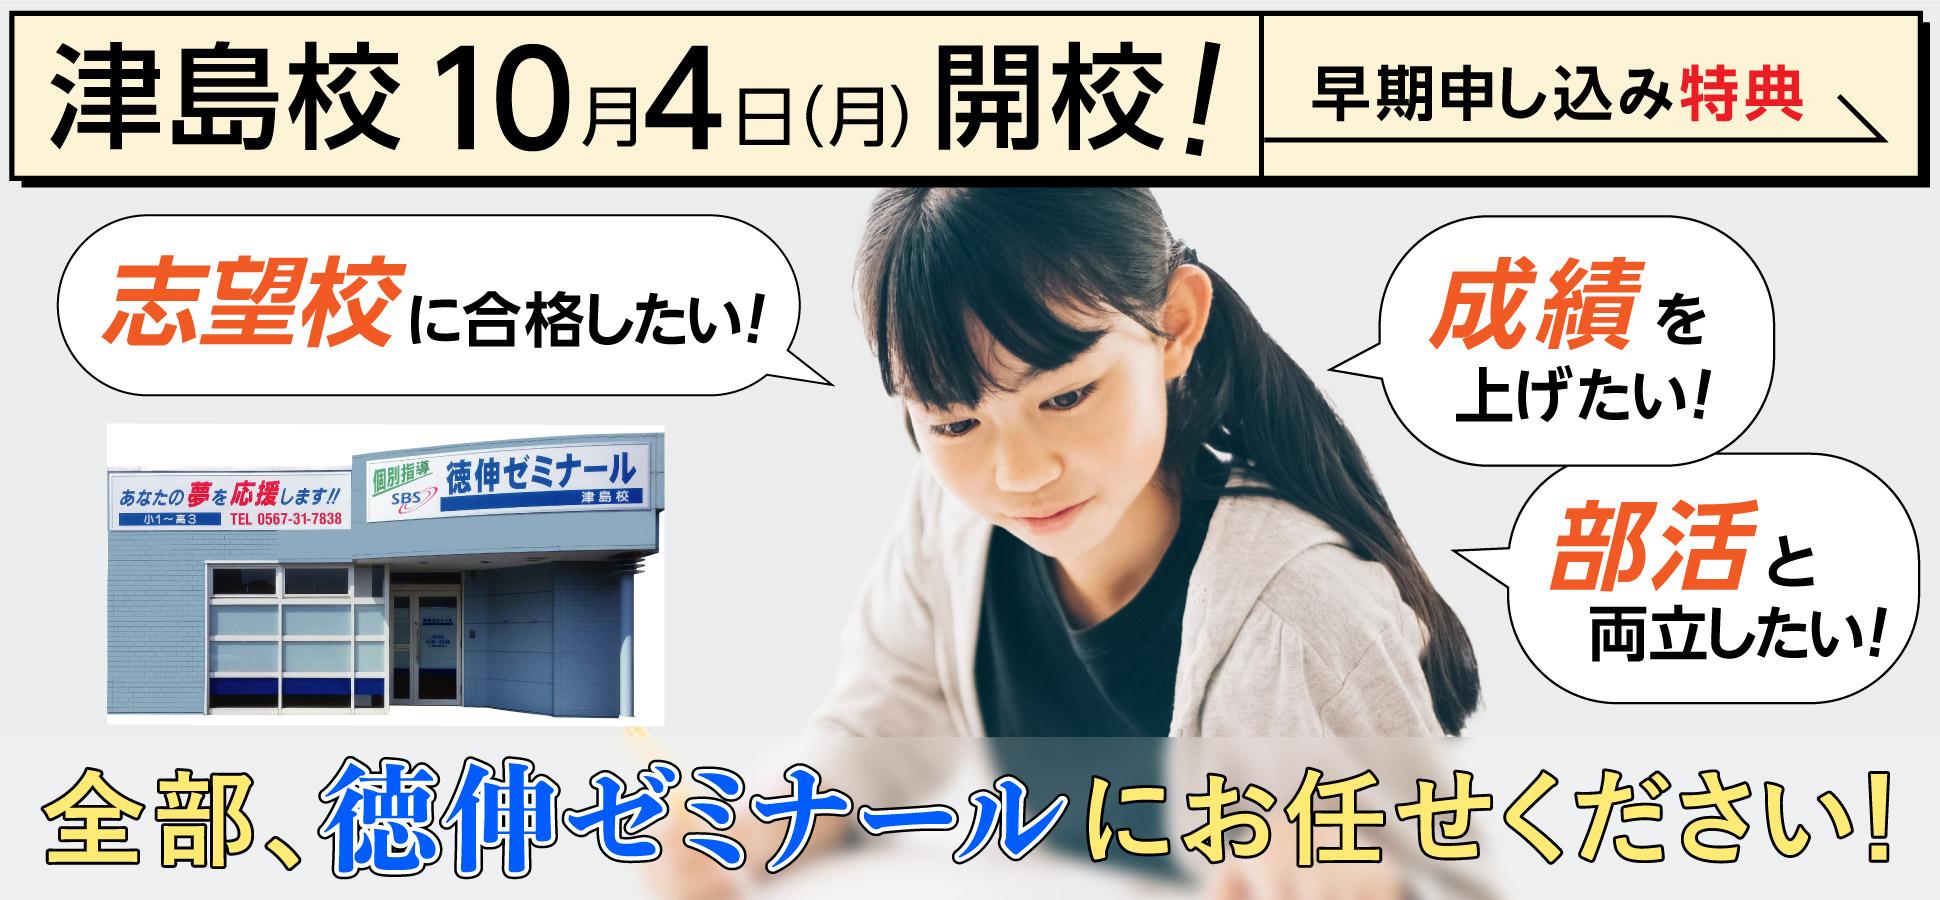 津島校 10月4日開校!